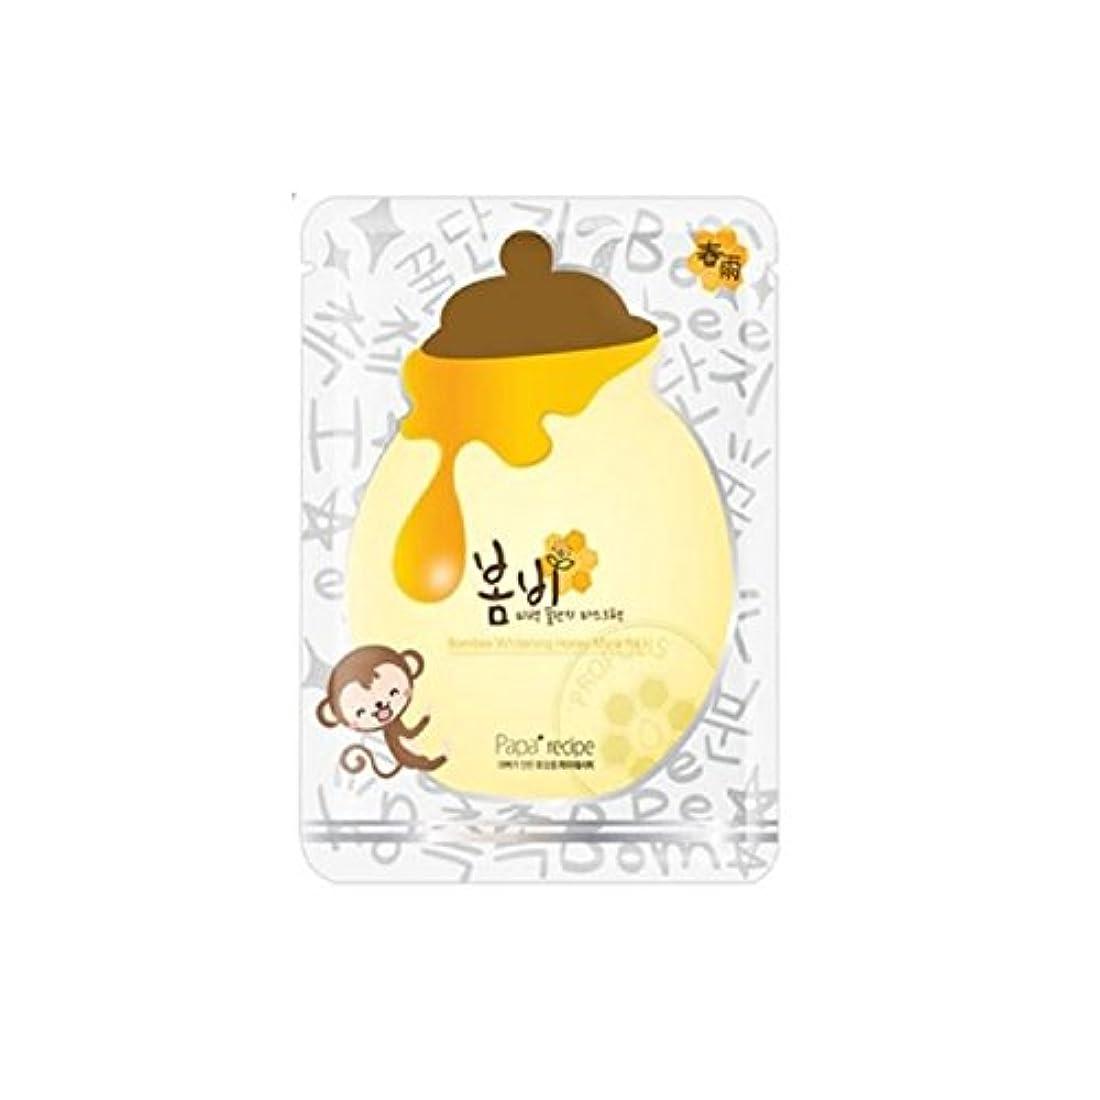 体系的にチョコレート石油【Paparecipe(パパレシピ)】春雨美白蜜ツボマスクシート10枚(Paparecipe Bombee Whitening Honey Mask Sheet 10ea) [並行輸入品]